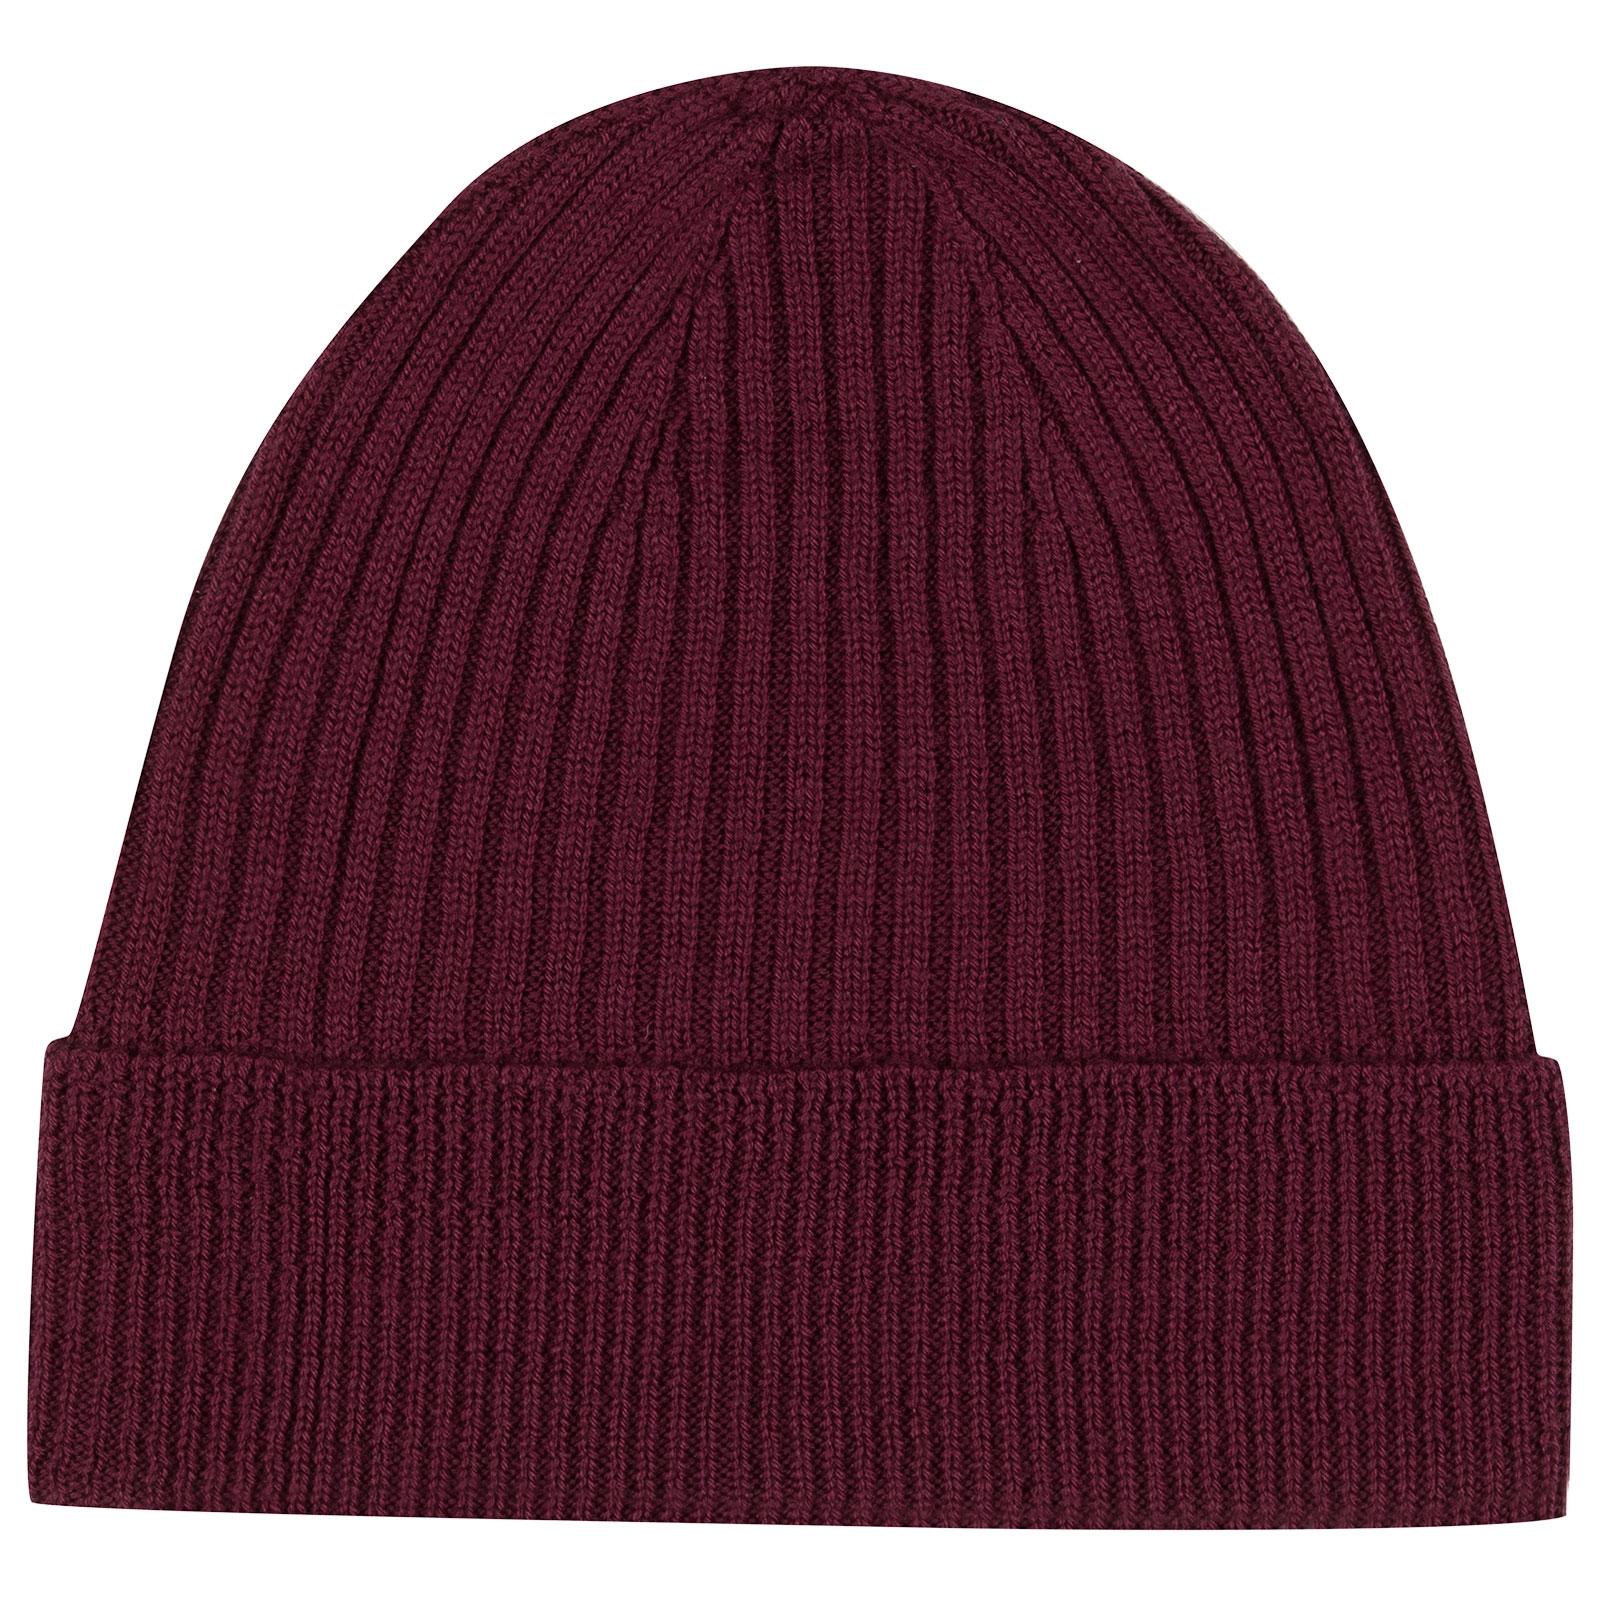 John Smedley Fahrenheit Merino Wool Hat in Bordeaux-ONE